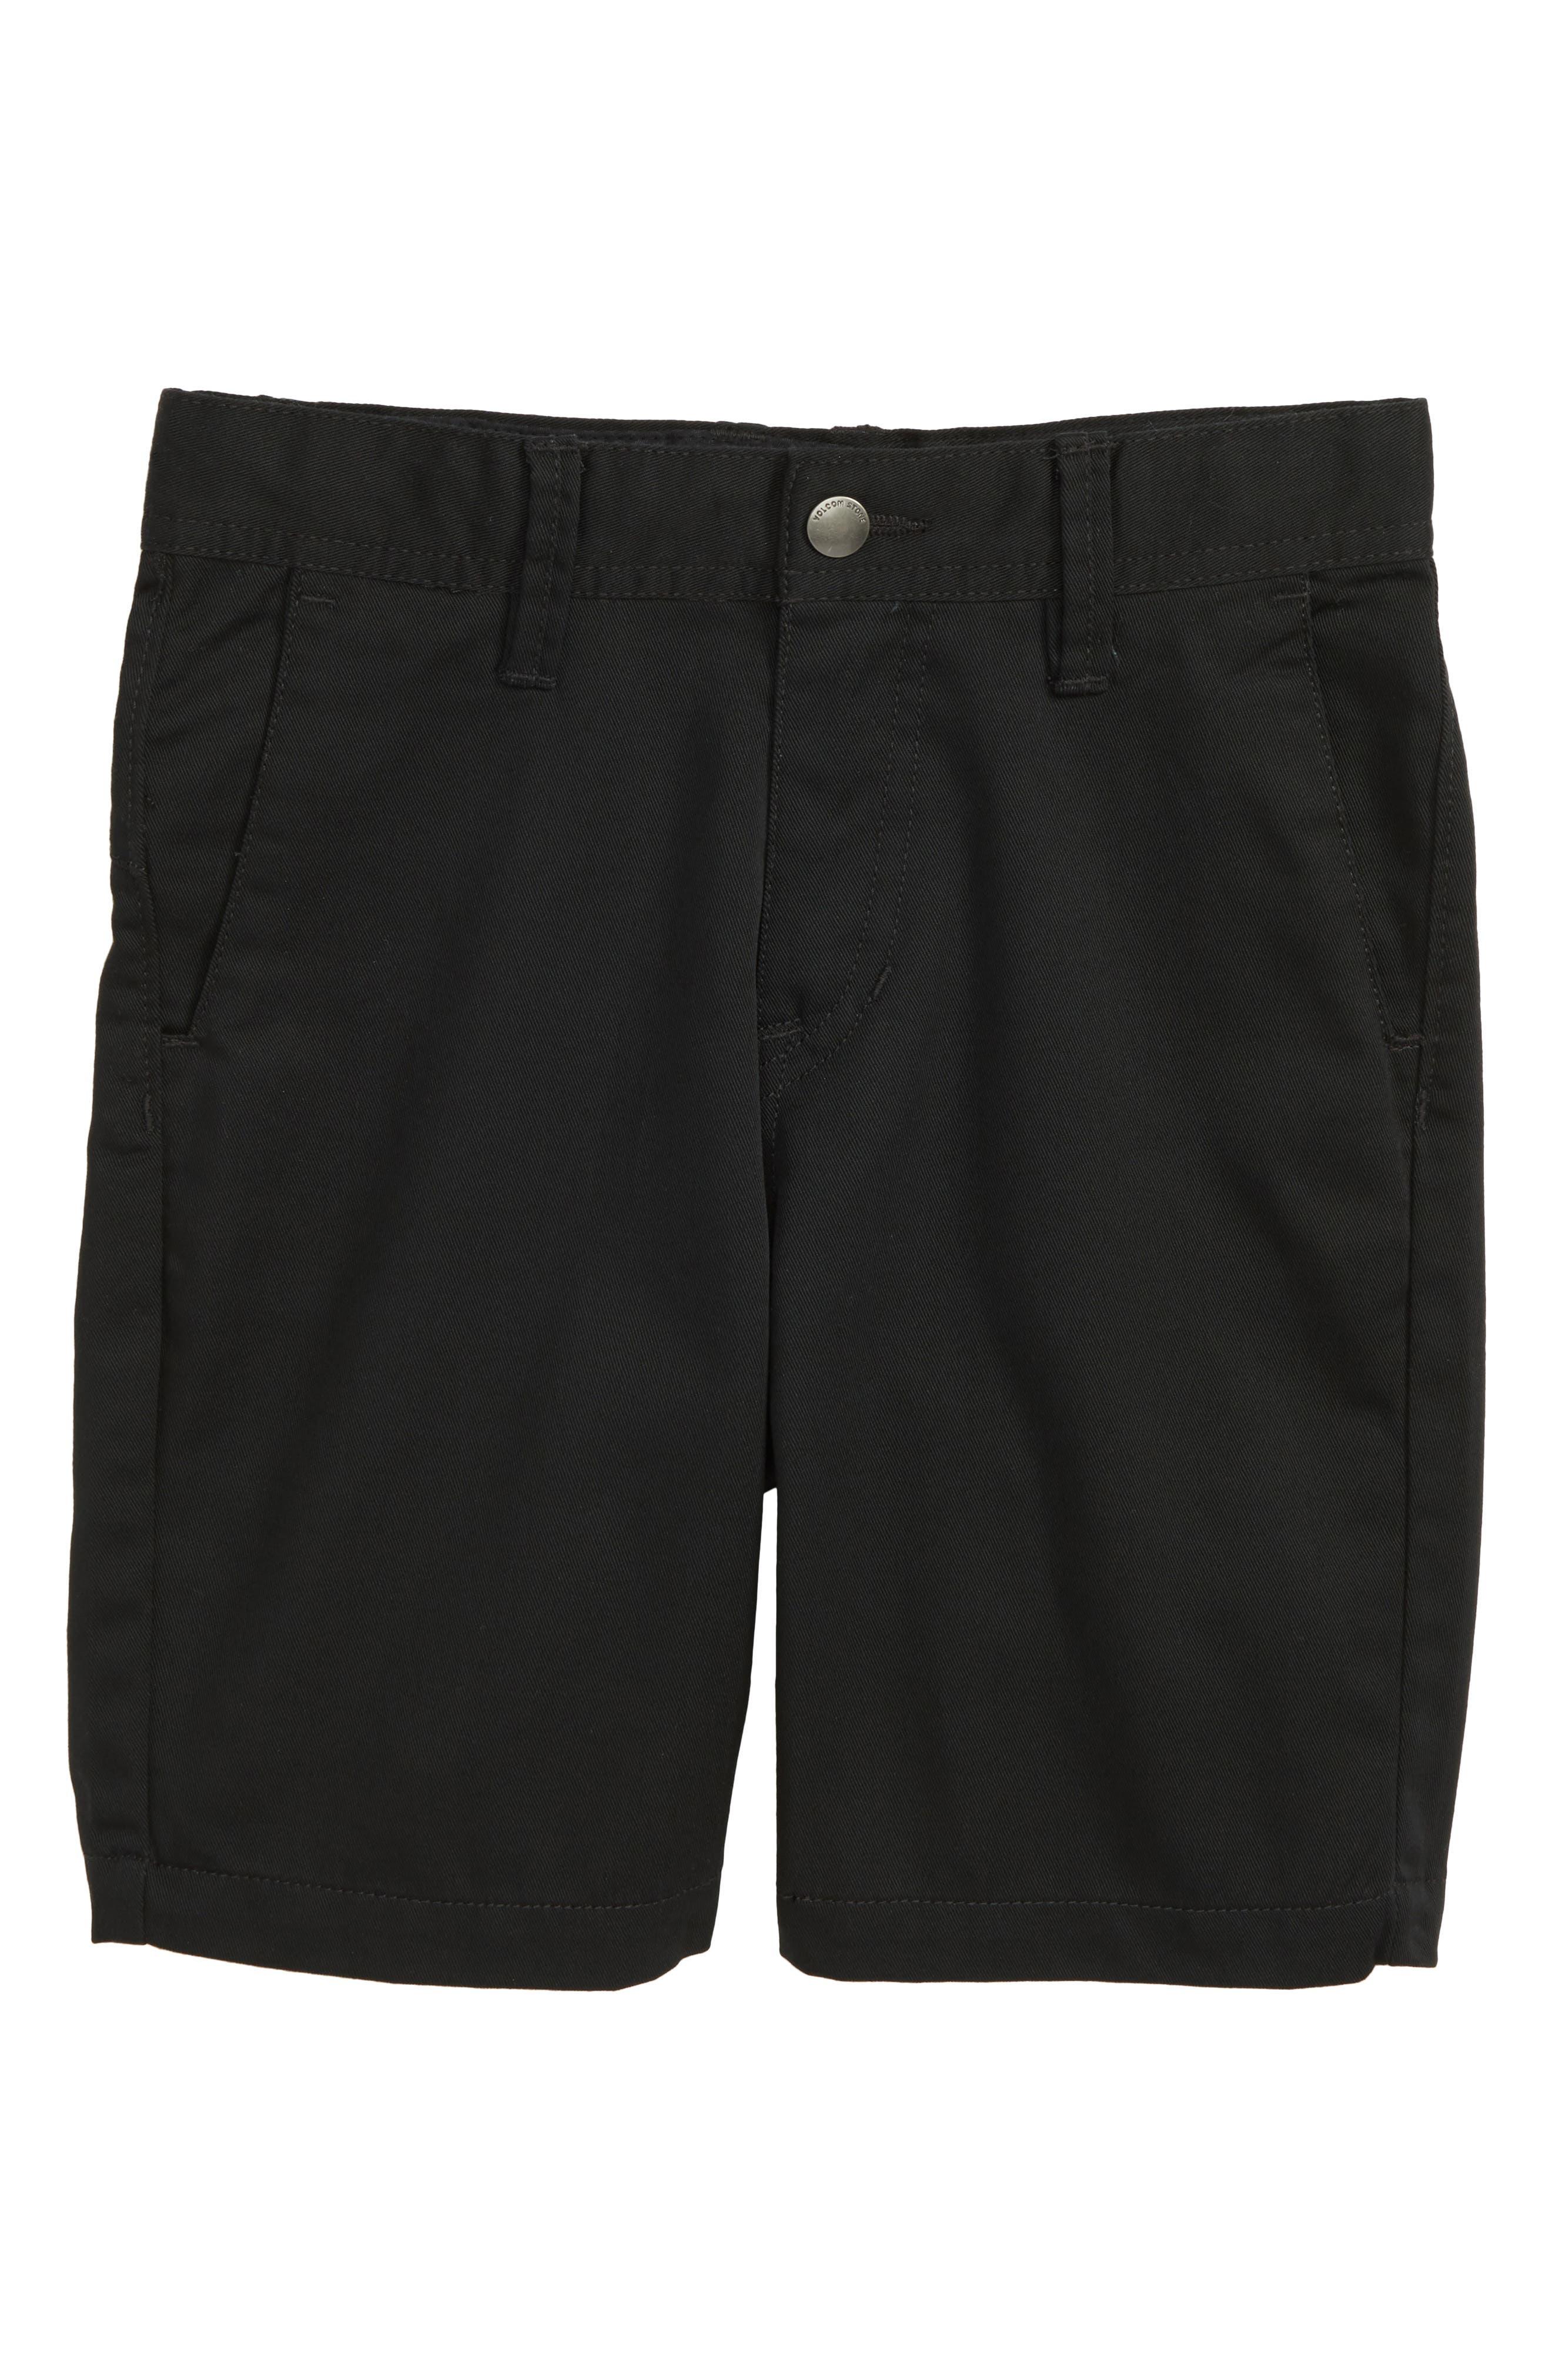 Chino Shorts,                             Main thumbnail 1, color,                             BLACK